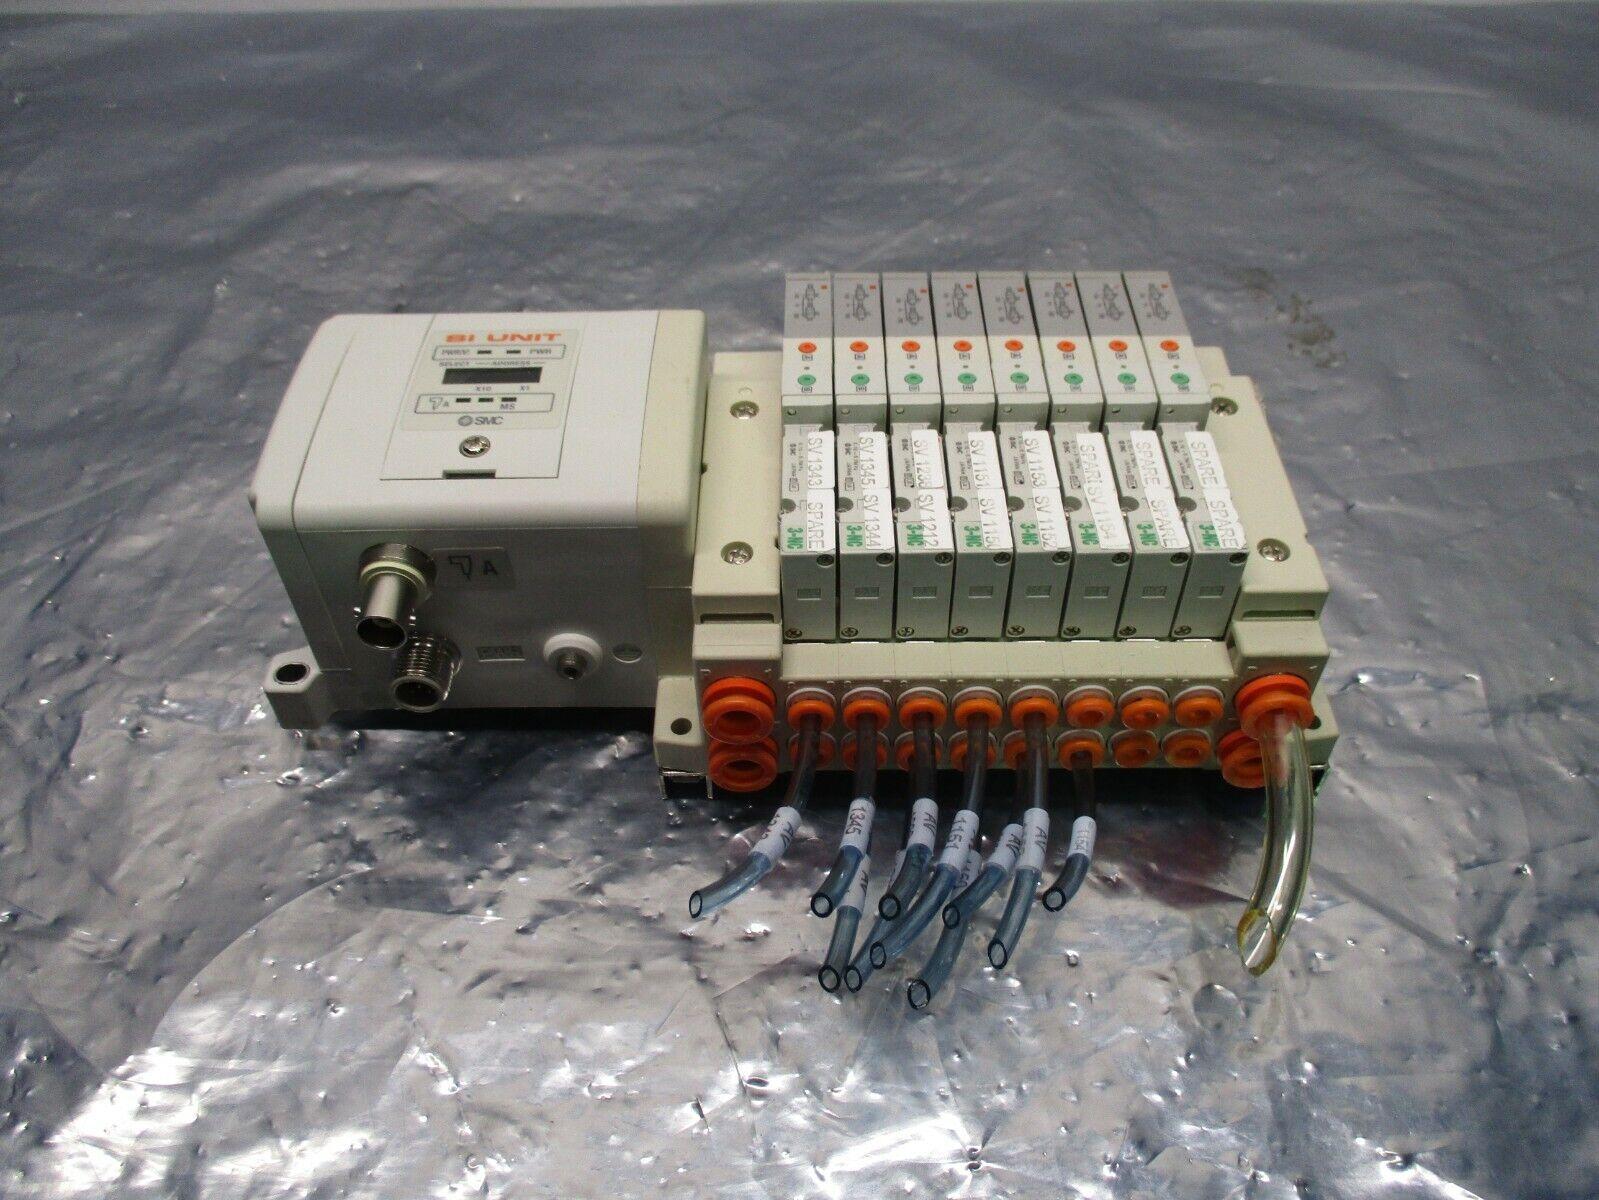 SMC SS5V1-GCJ09 8 Valve Manifold Assy w/ EX250-SCN1 Serial Interface Unit,100874